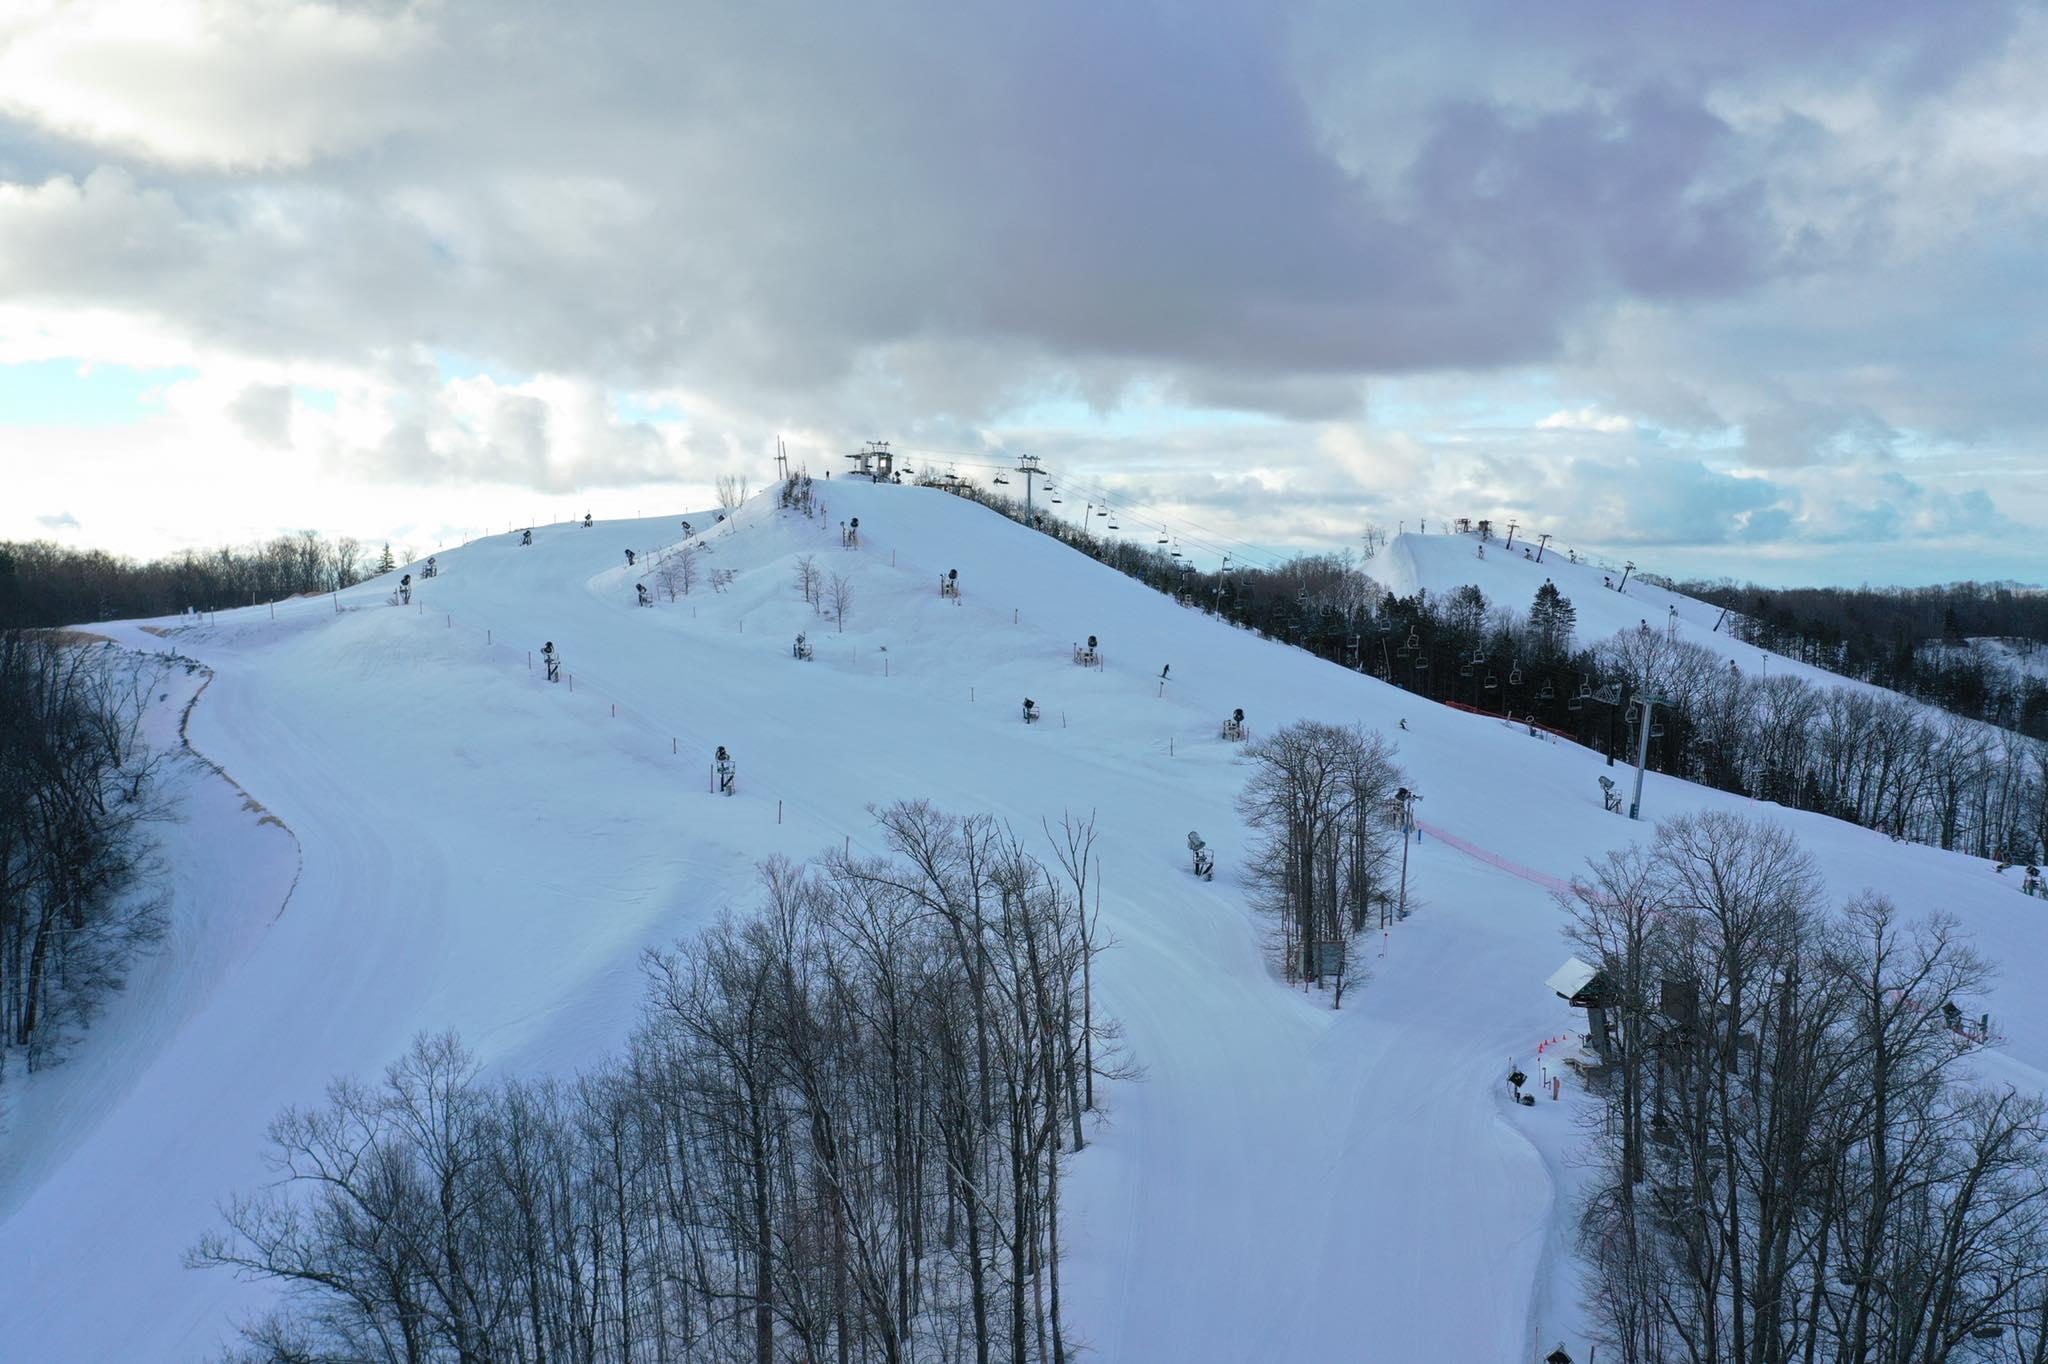 Caberfae Ski Mountain